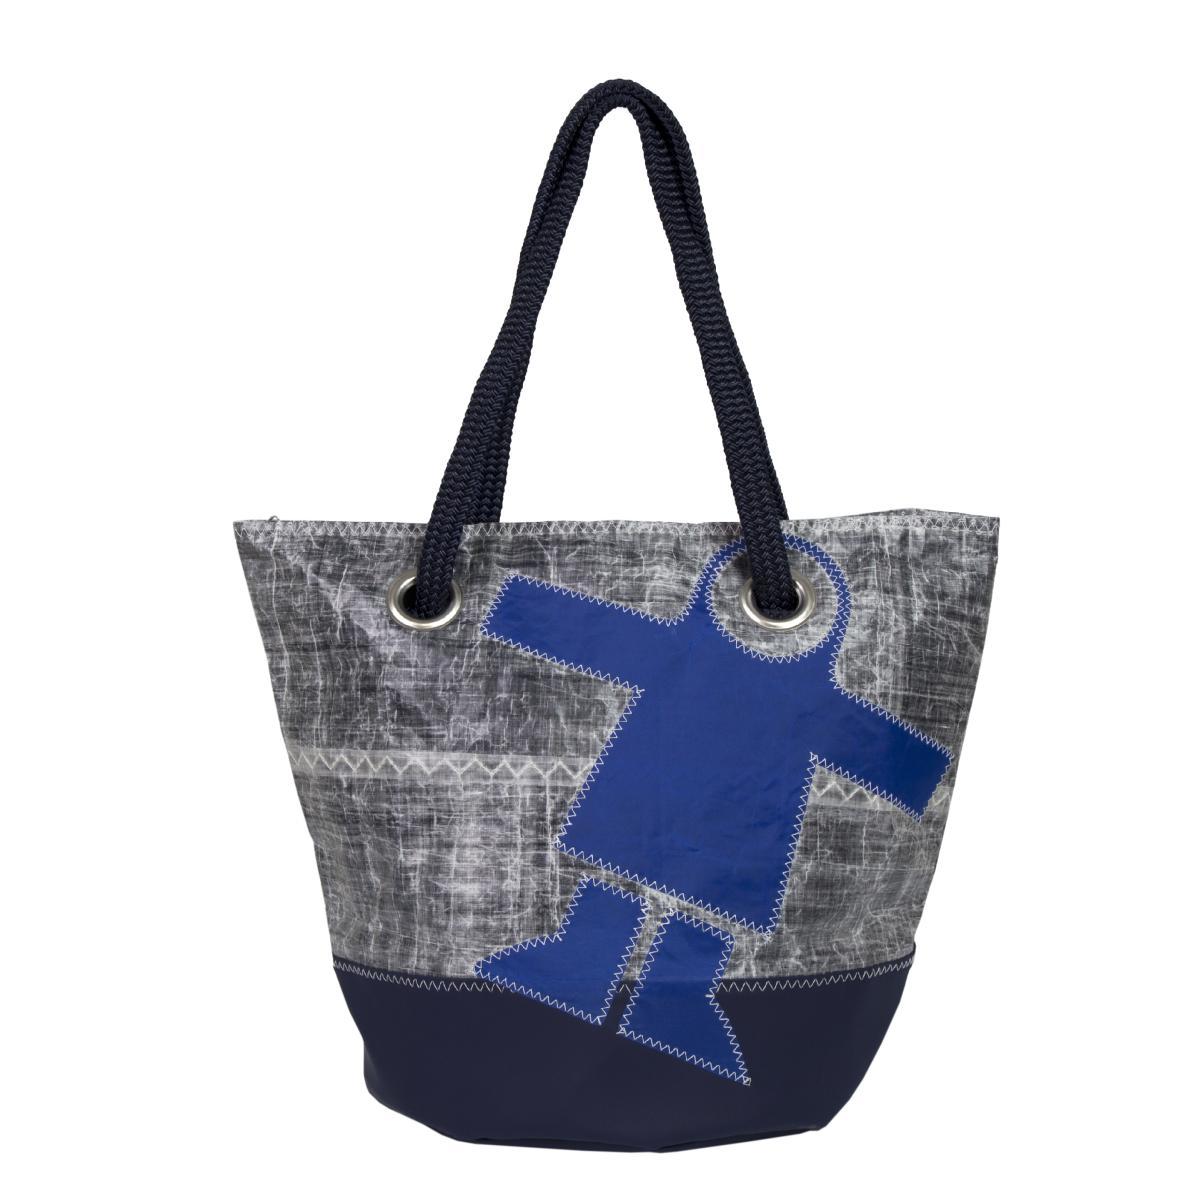 Sandy Tasche Guy Cotten - Tech-Sail mit Figur blau